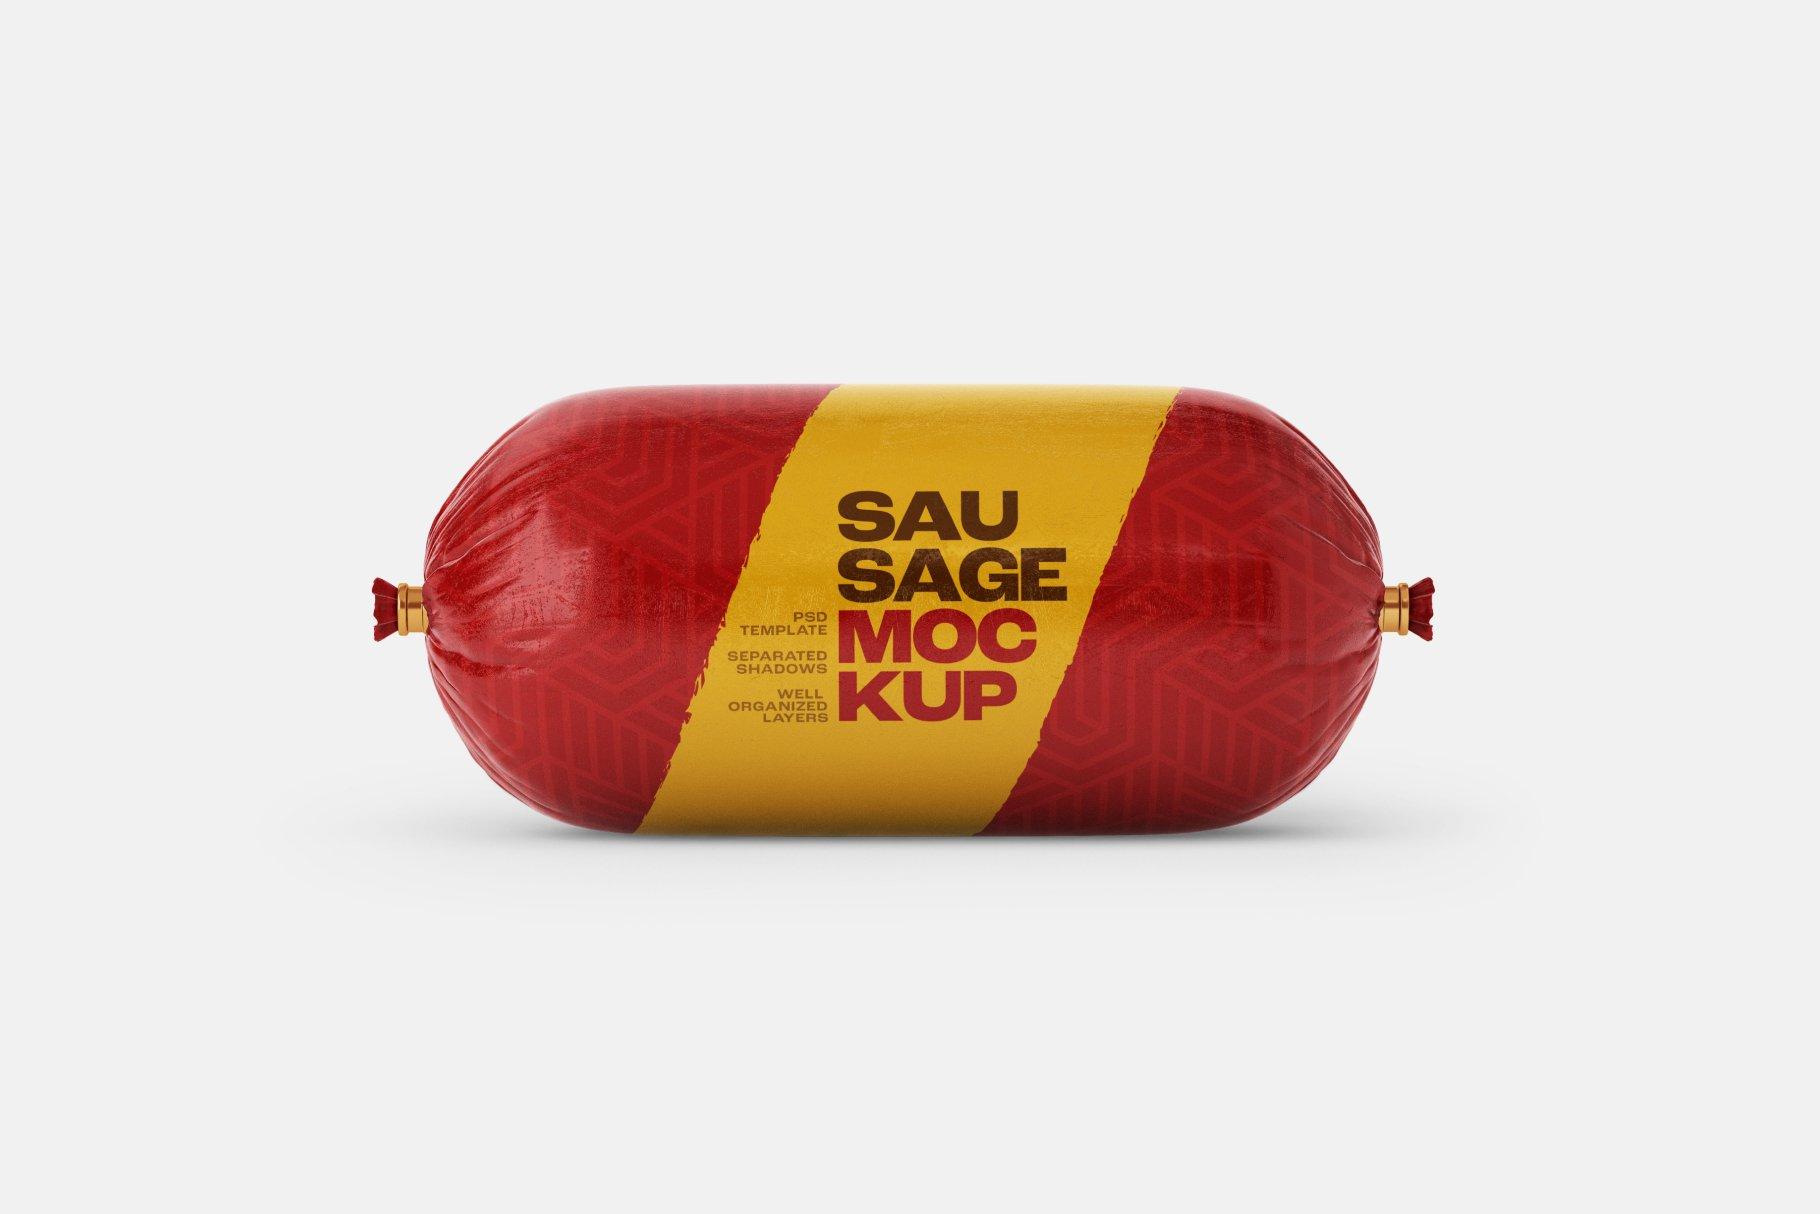 11款火腿肠香肠密封塑料袋设计展示贴图样机合集 Sausage Chub Mockup Set插图11